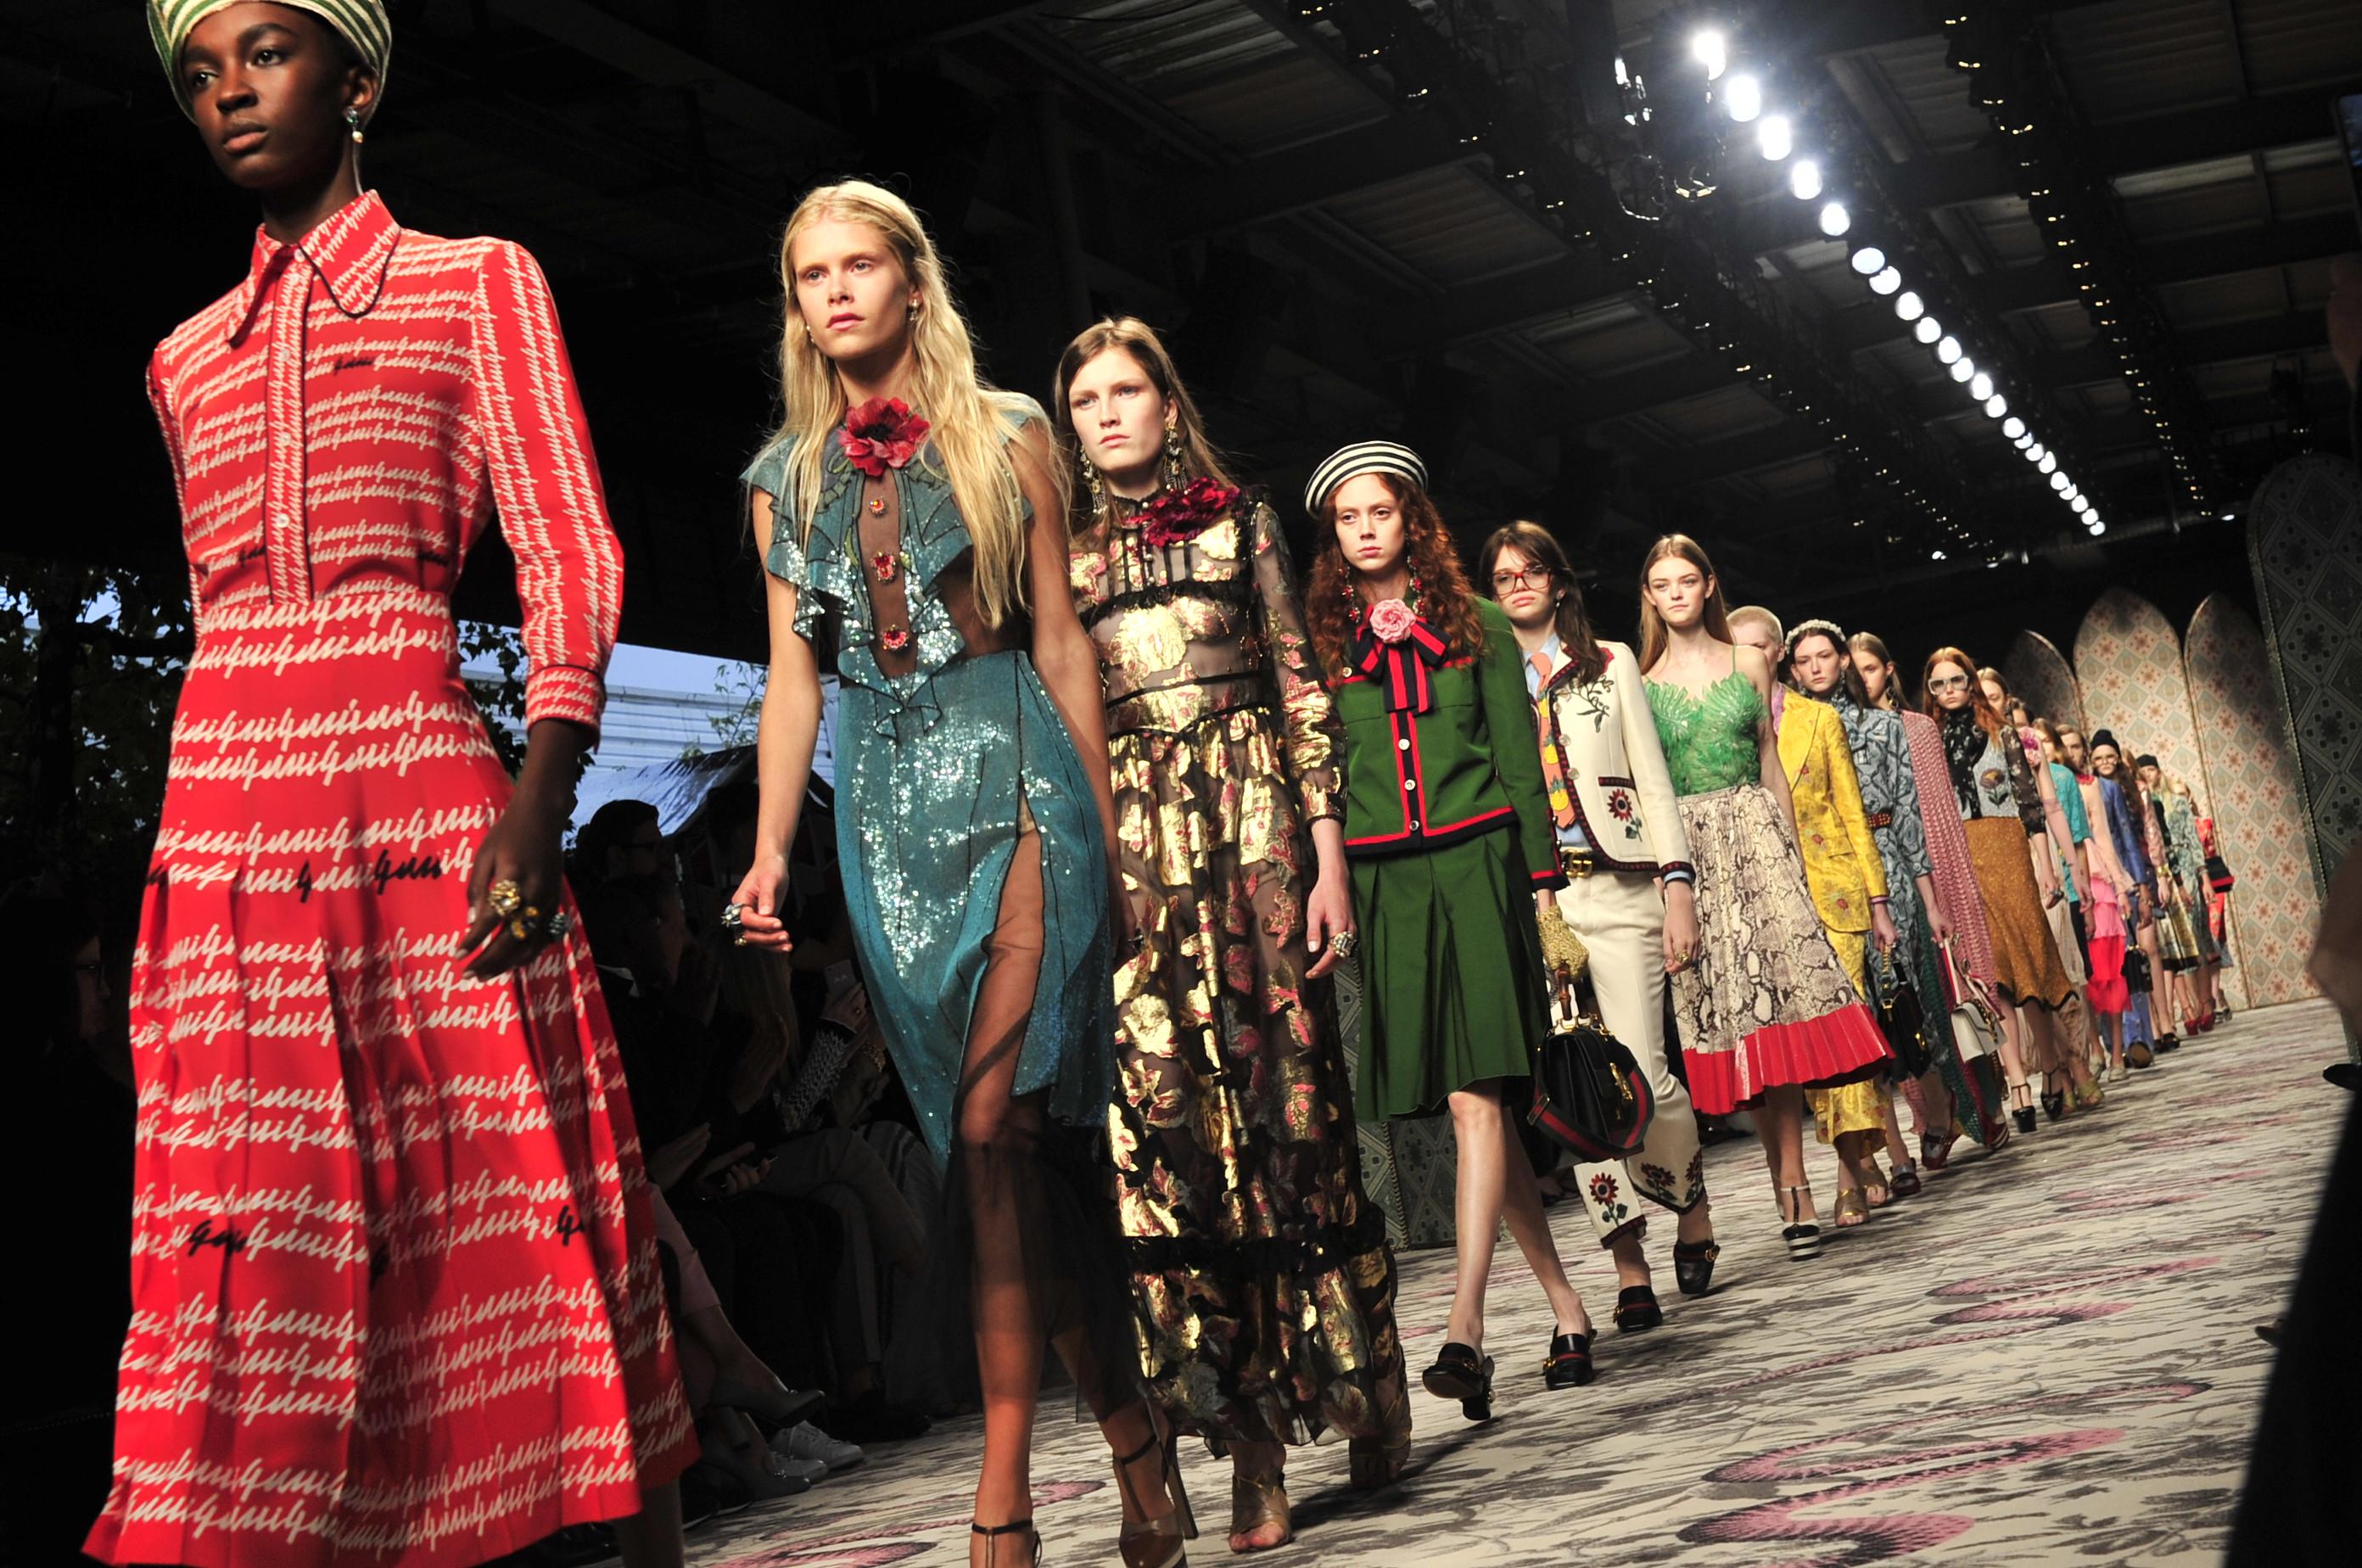 Thời trang Gucci là sự kết hợp của nhiều nền văn hóa khác nhau